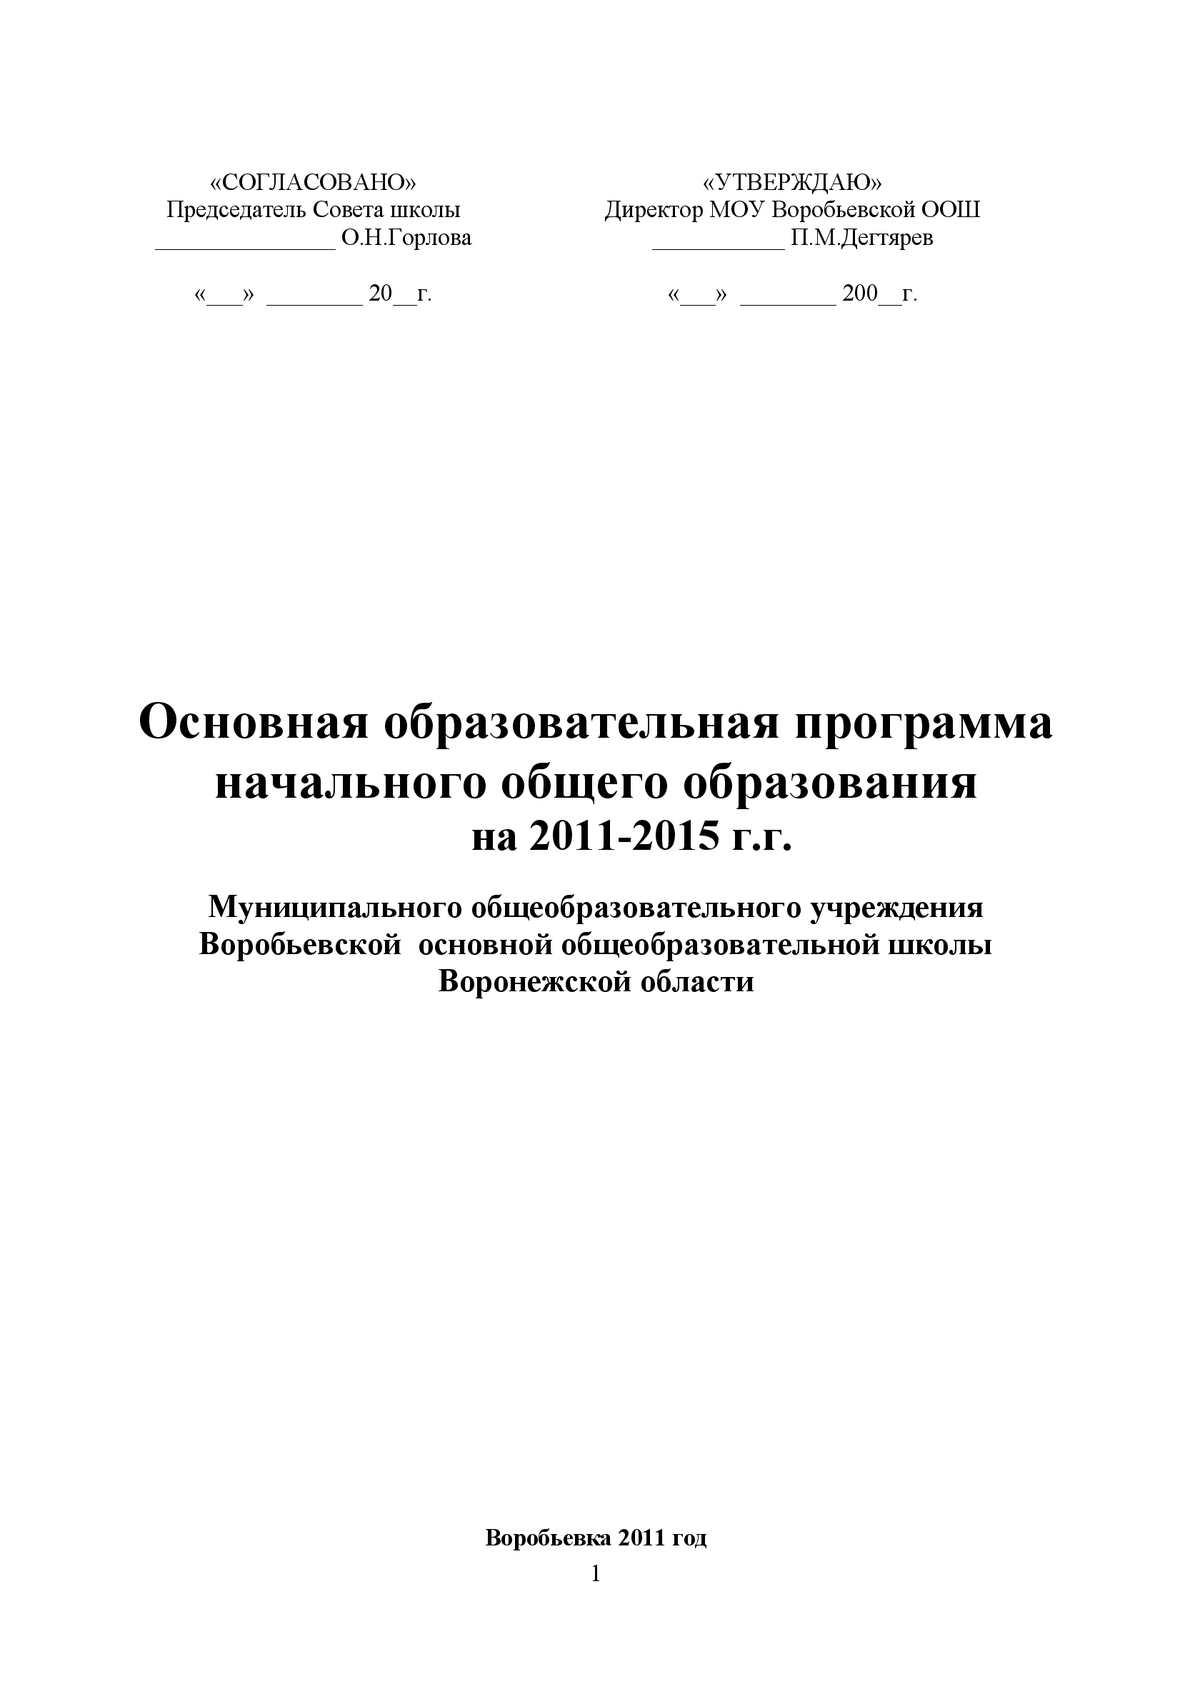 русский язык 3 класс рабочая тетрадь задание 222 автор соловейчик кузьменко